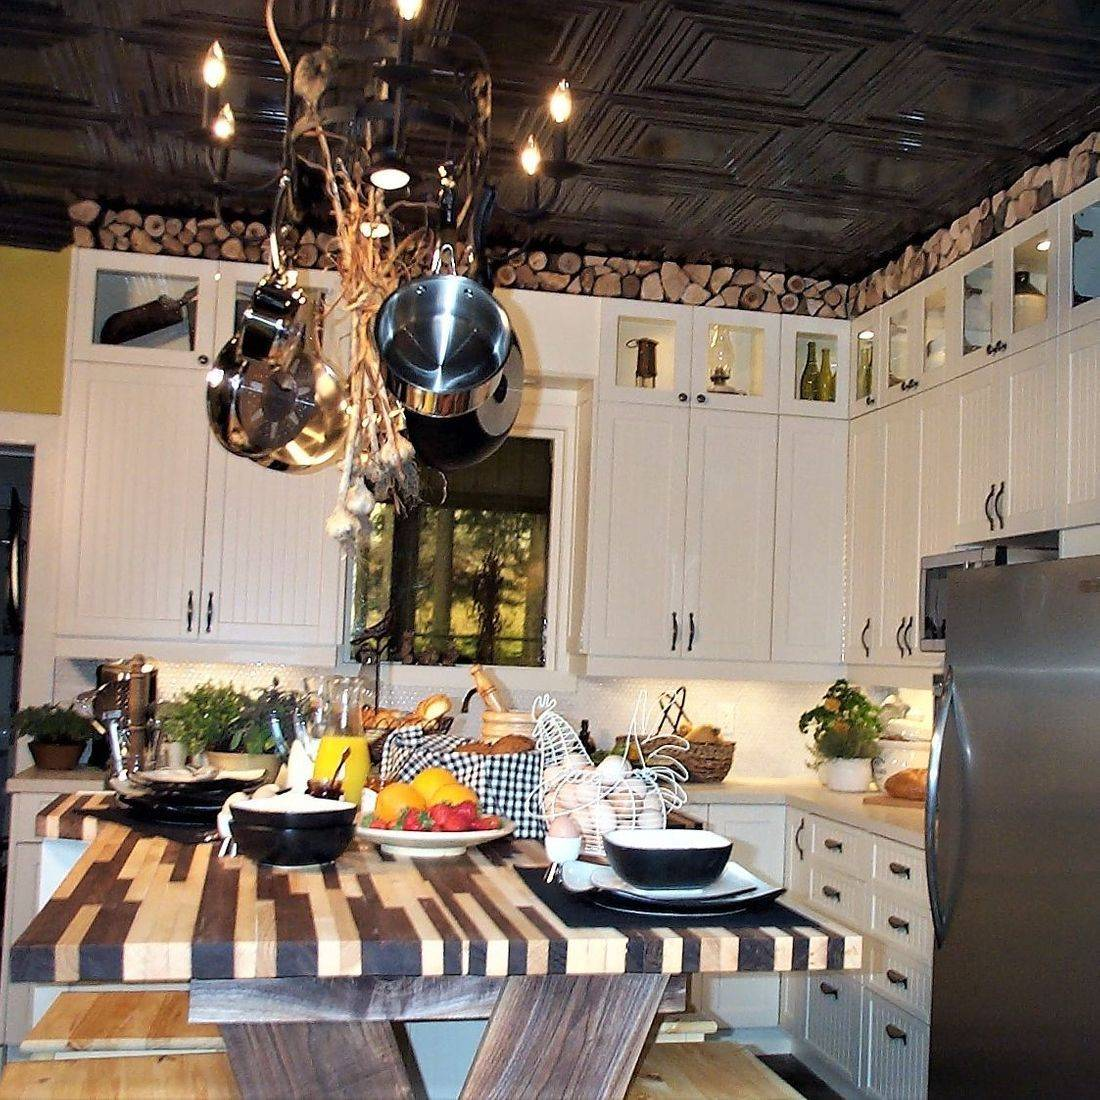 Sibra Kitchens Markham Toronto HGTV thermofoil cabinets